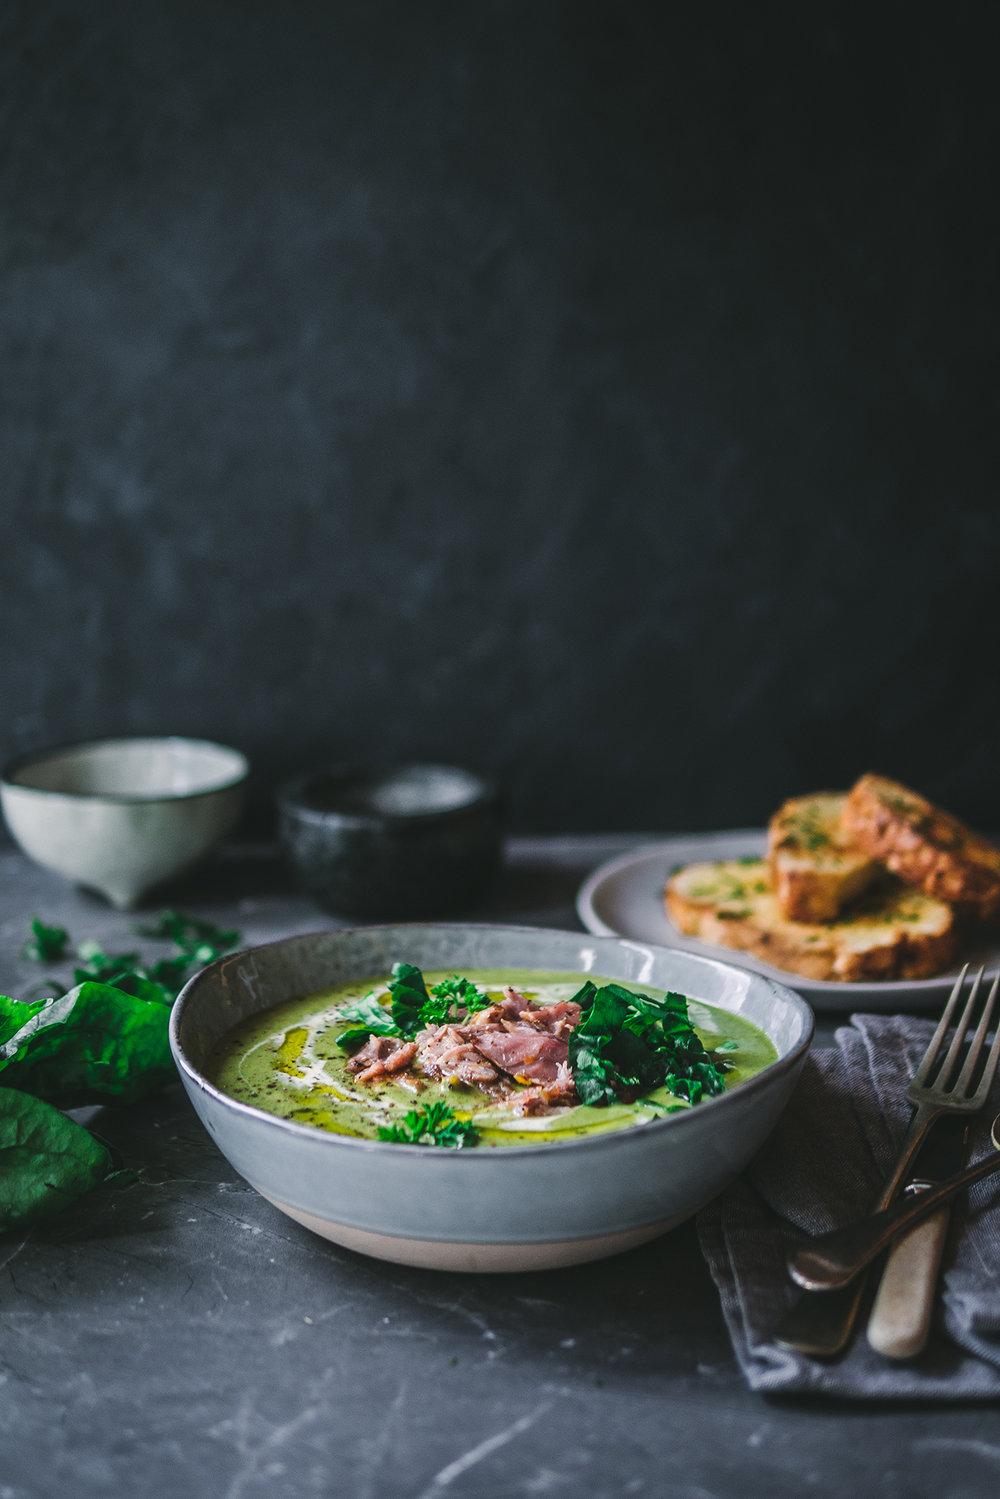 FARMLAND FOODS - Bacon Hock Soups